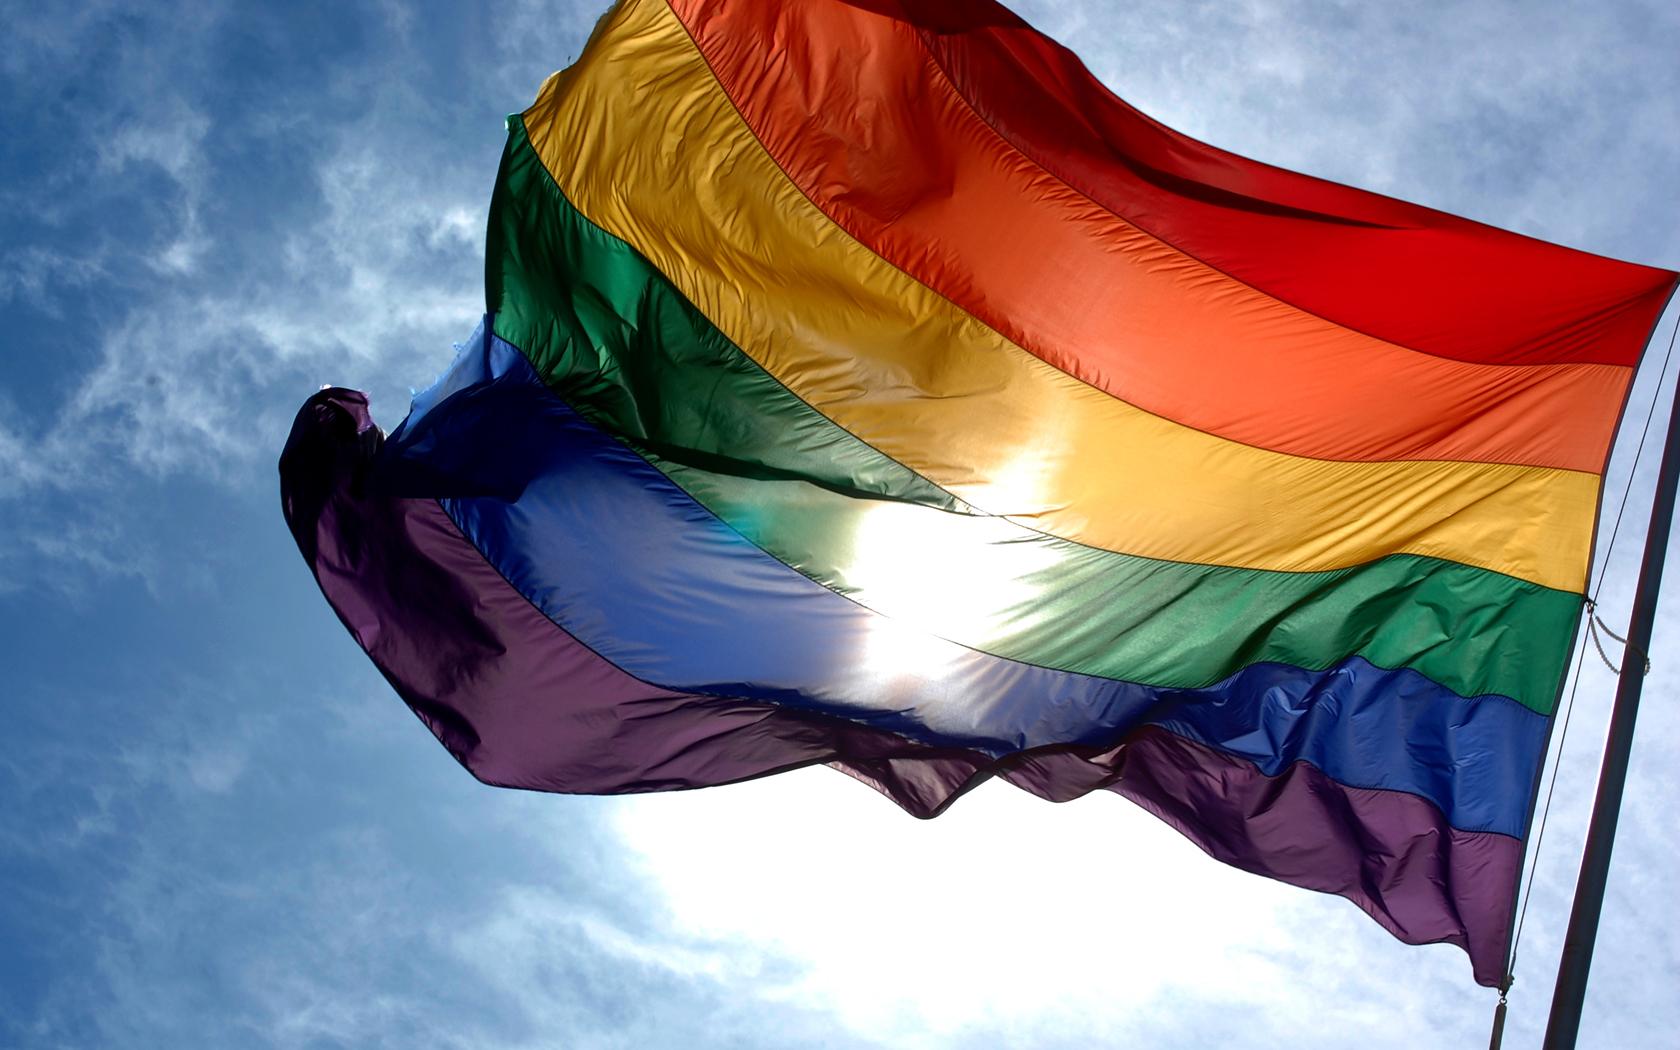 Download Gay Flags Wallpaper 1680x1050 Wallpoper 247219 1680x1050